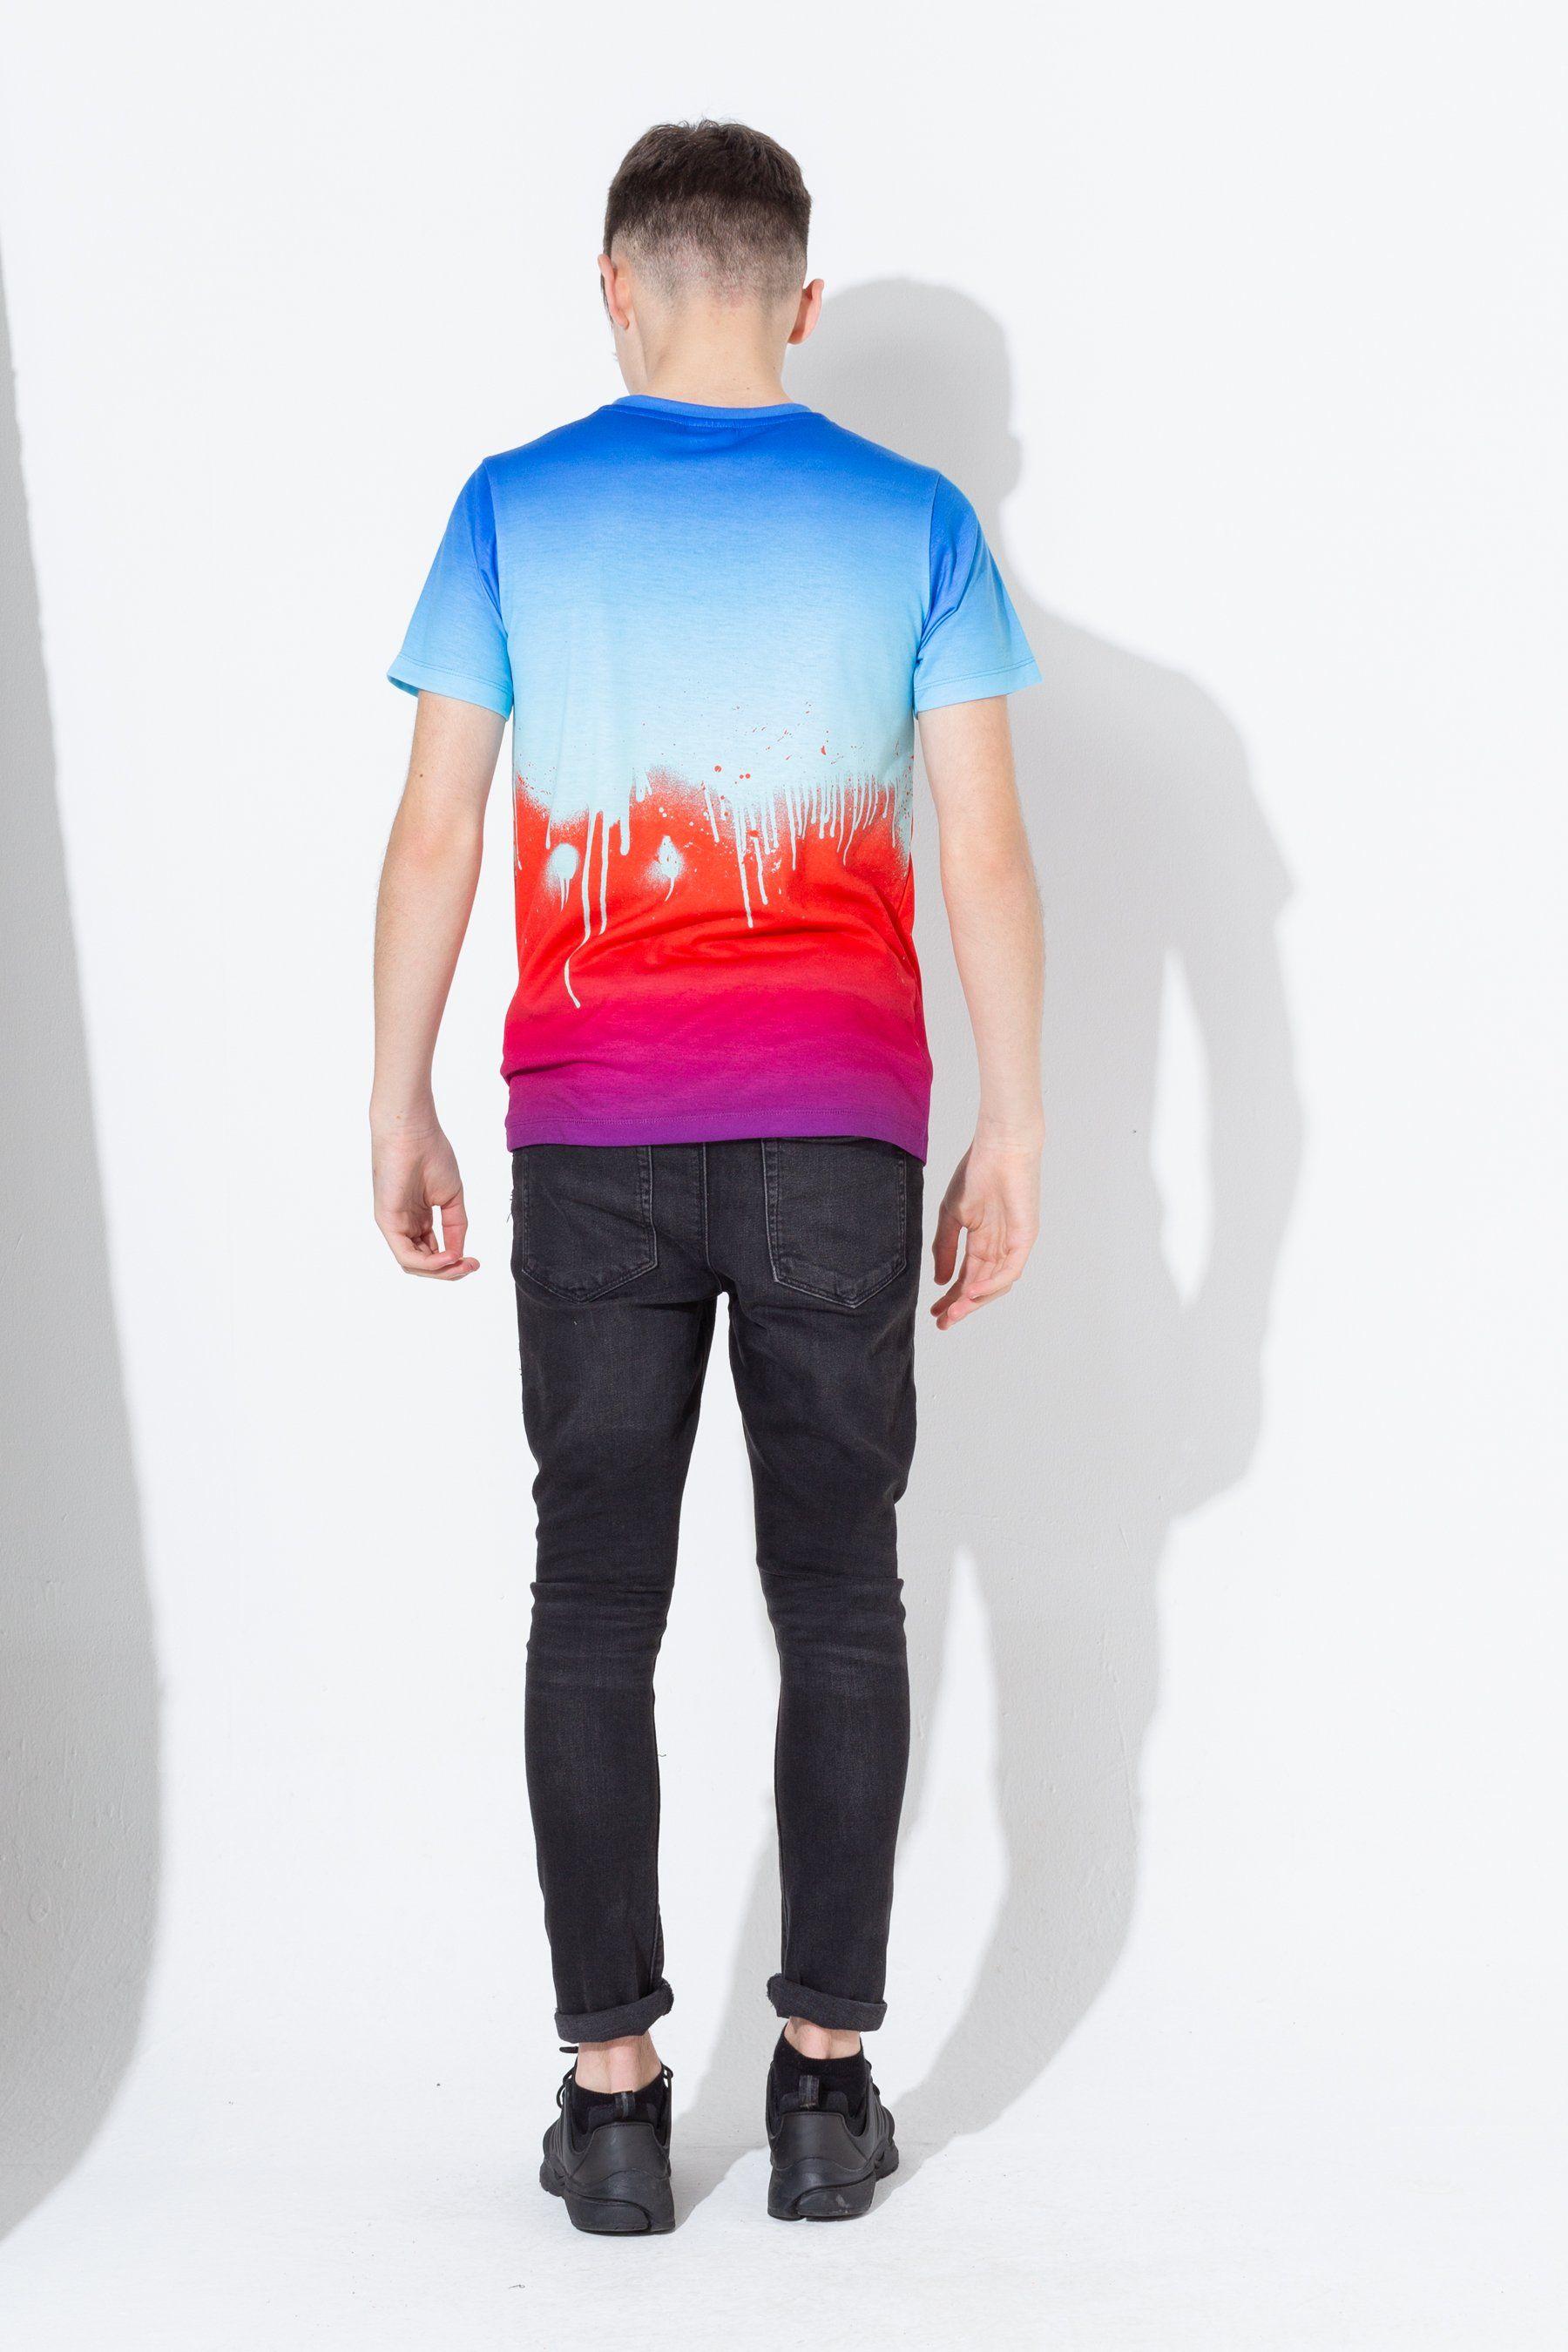 Hype Contrast Drips Kids T-Shirt